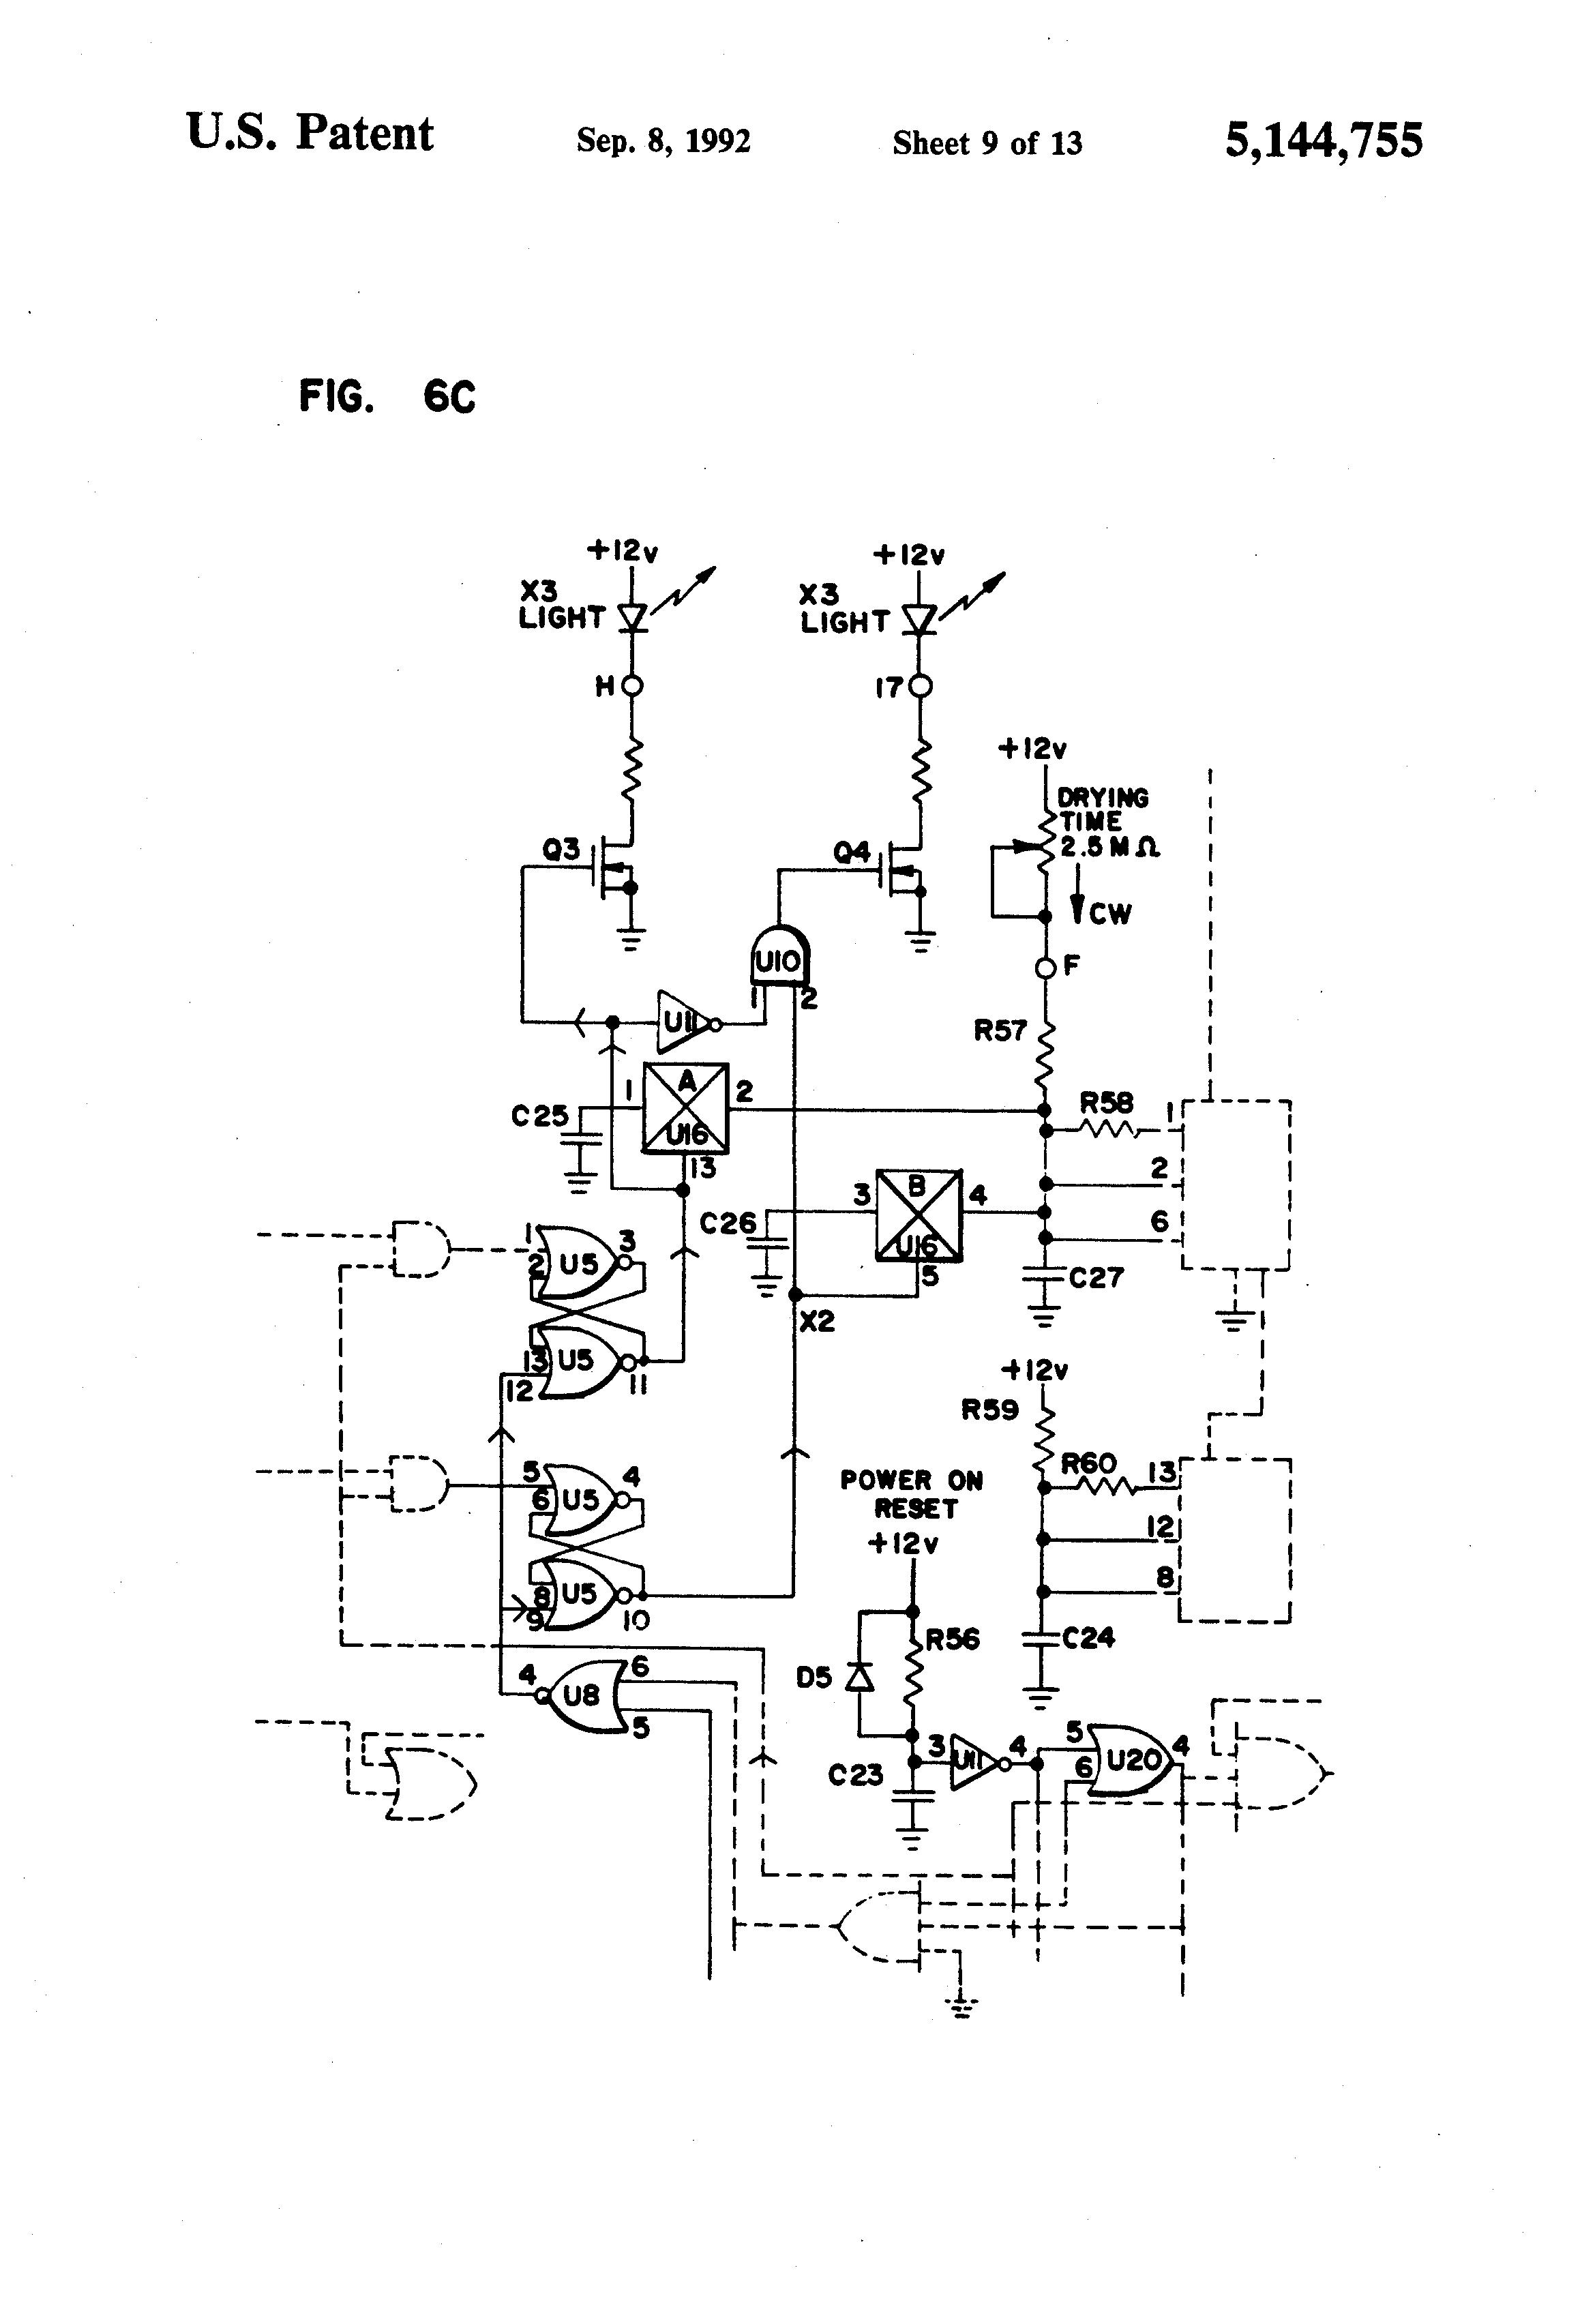 dryer wiring diagram schematic crop electric dryer